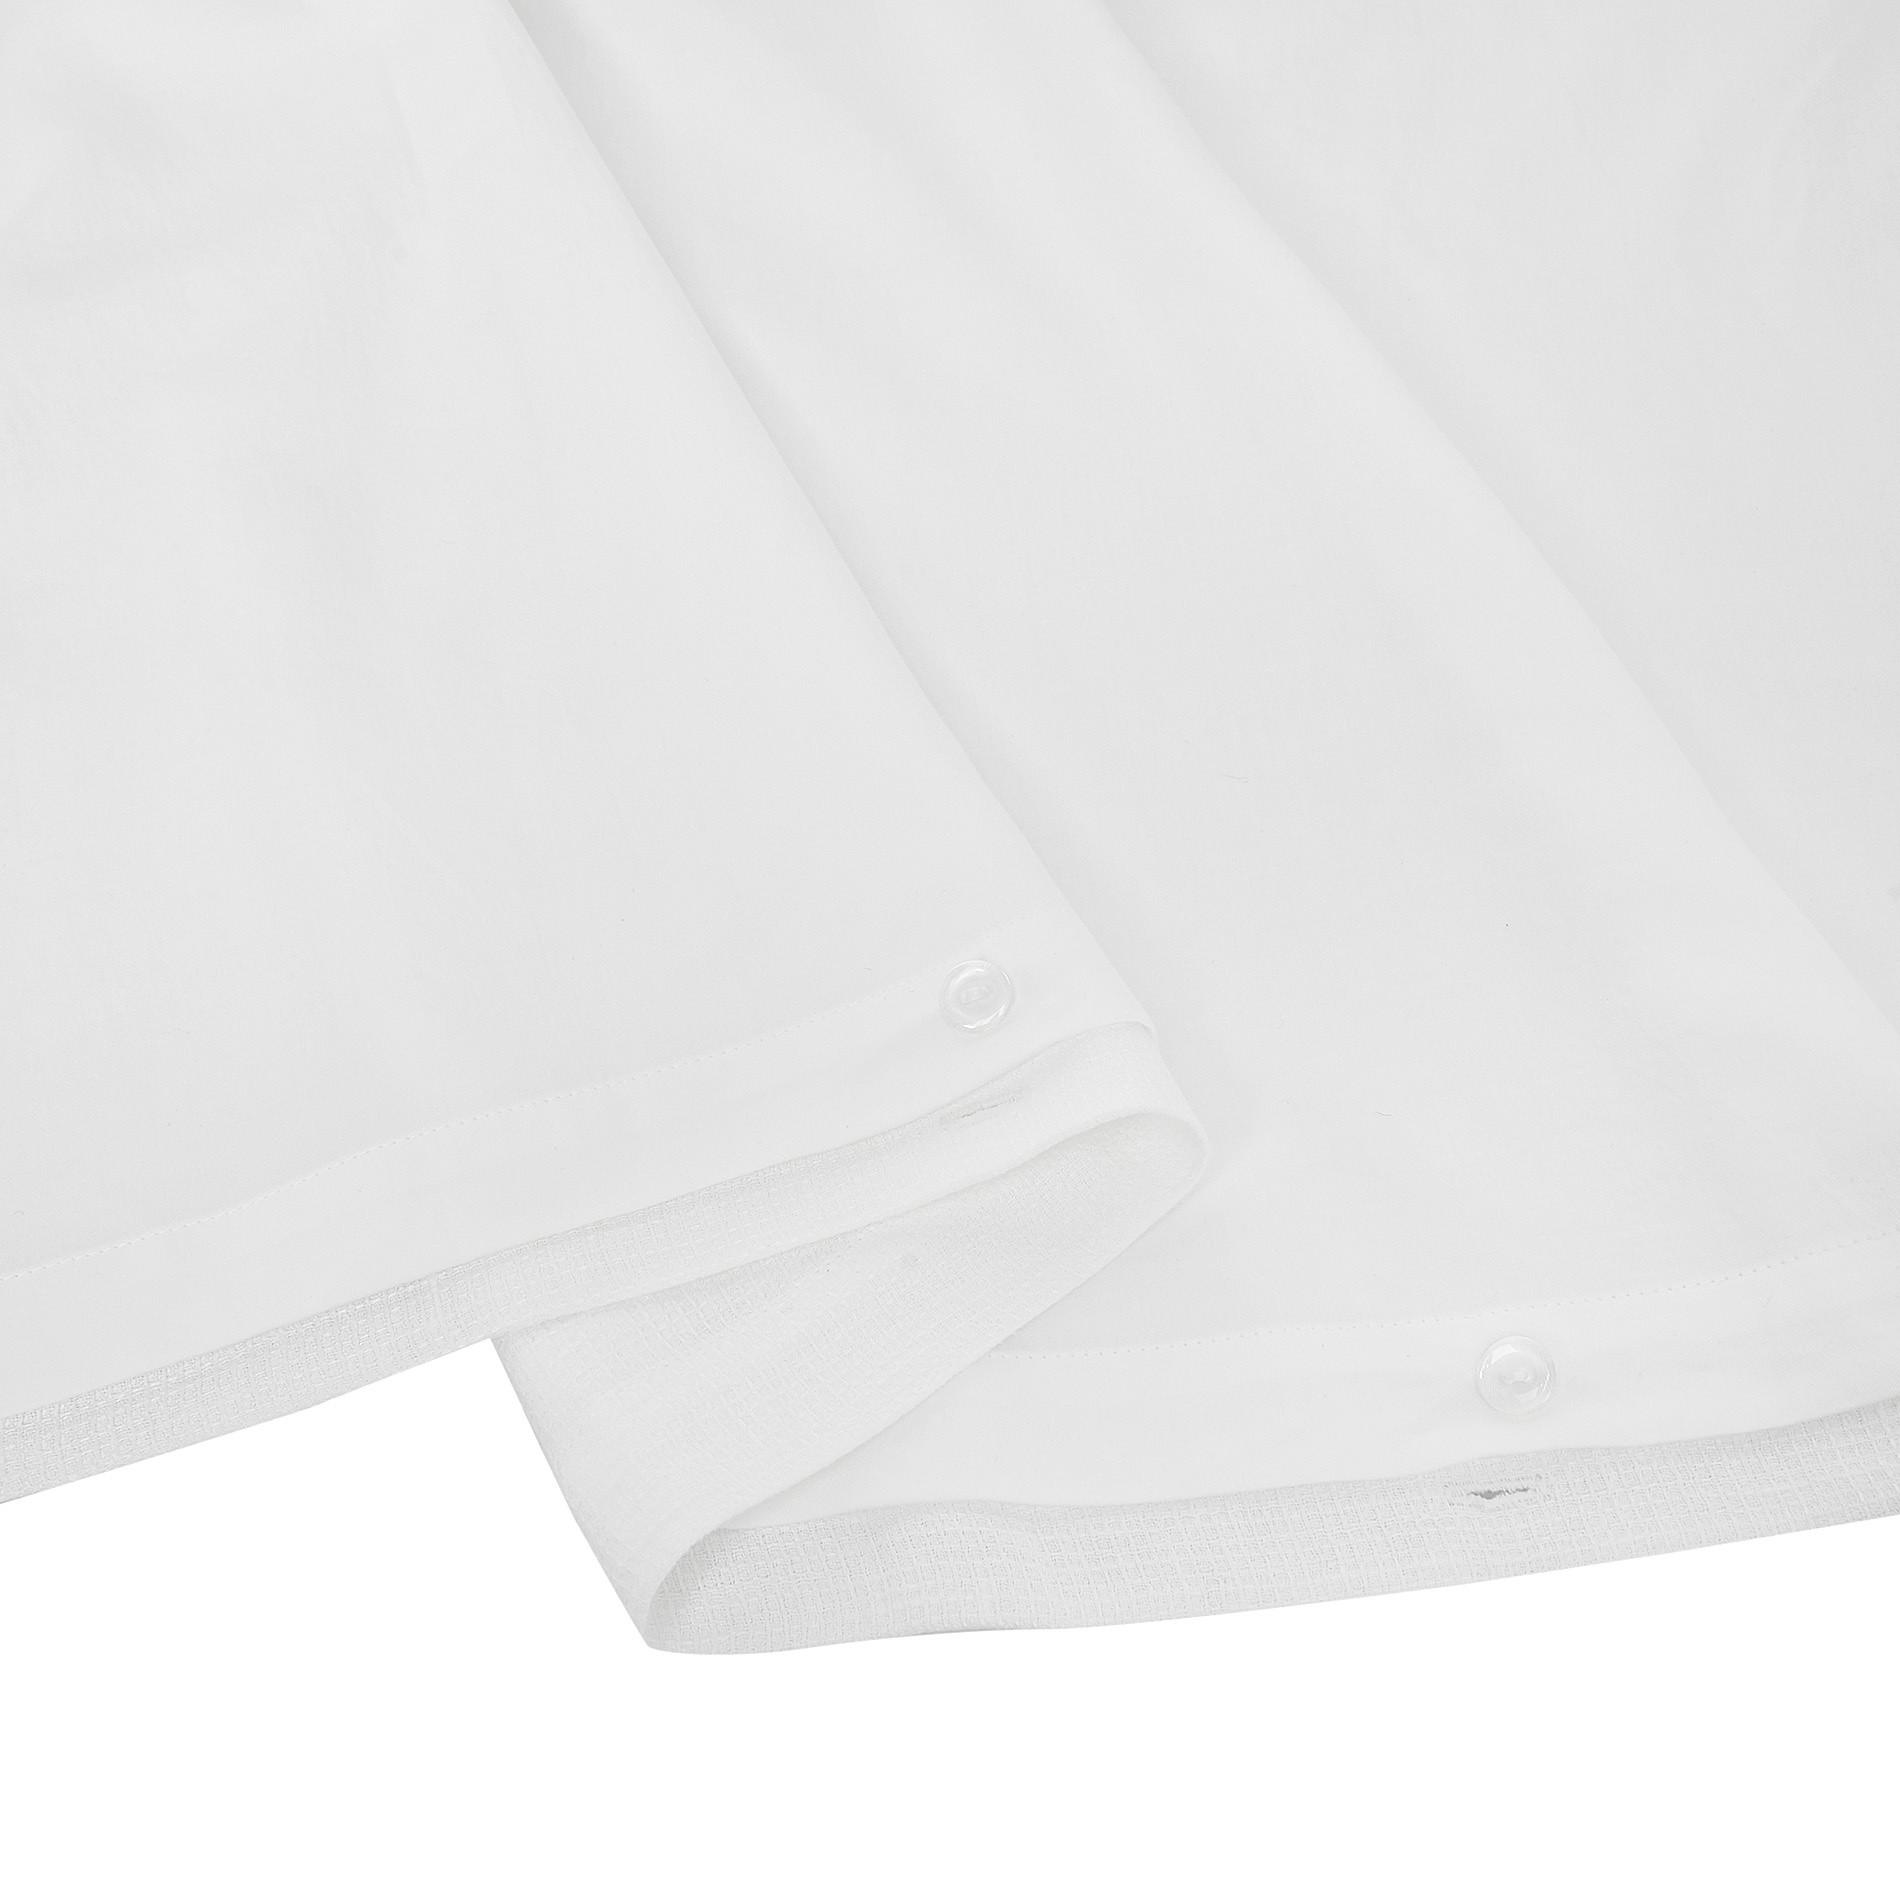 Copripiumino lino piquet tinta unita, Bianco, large image number 3